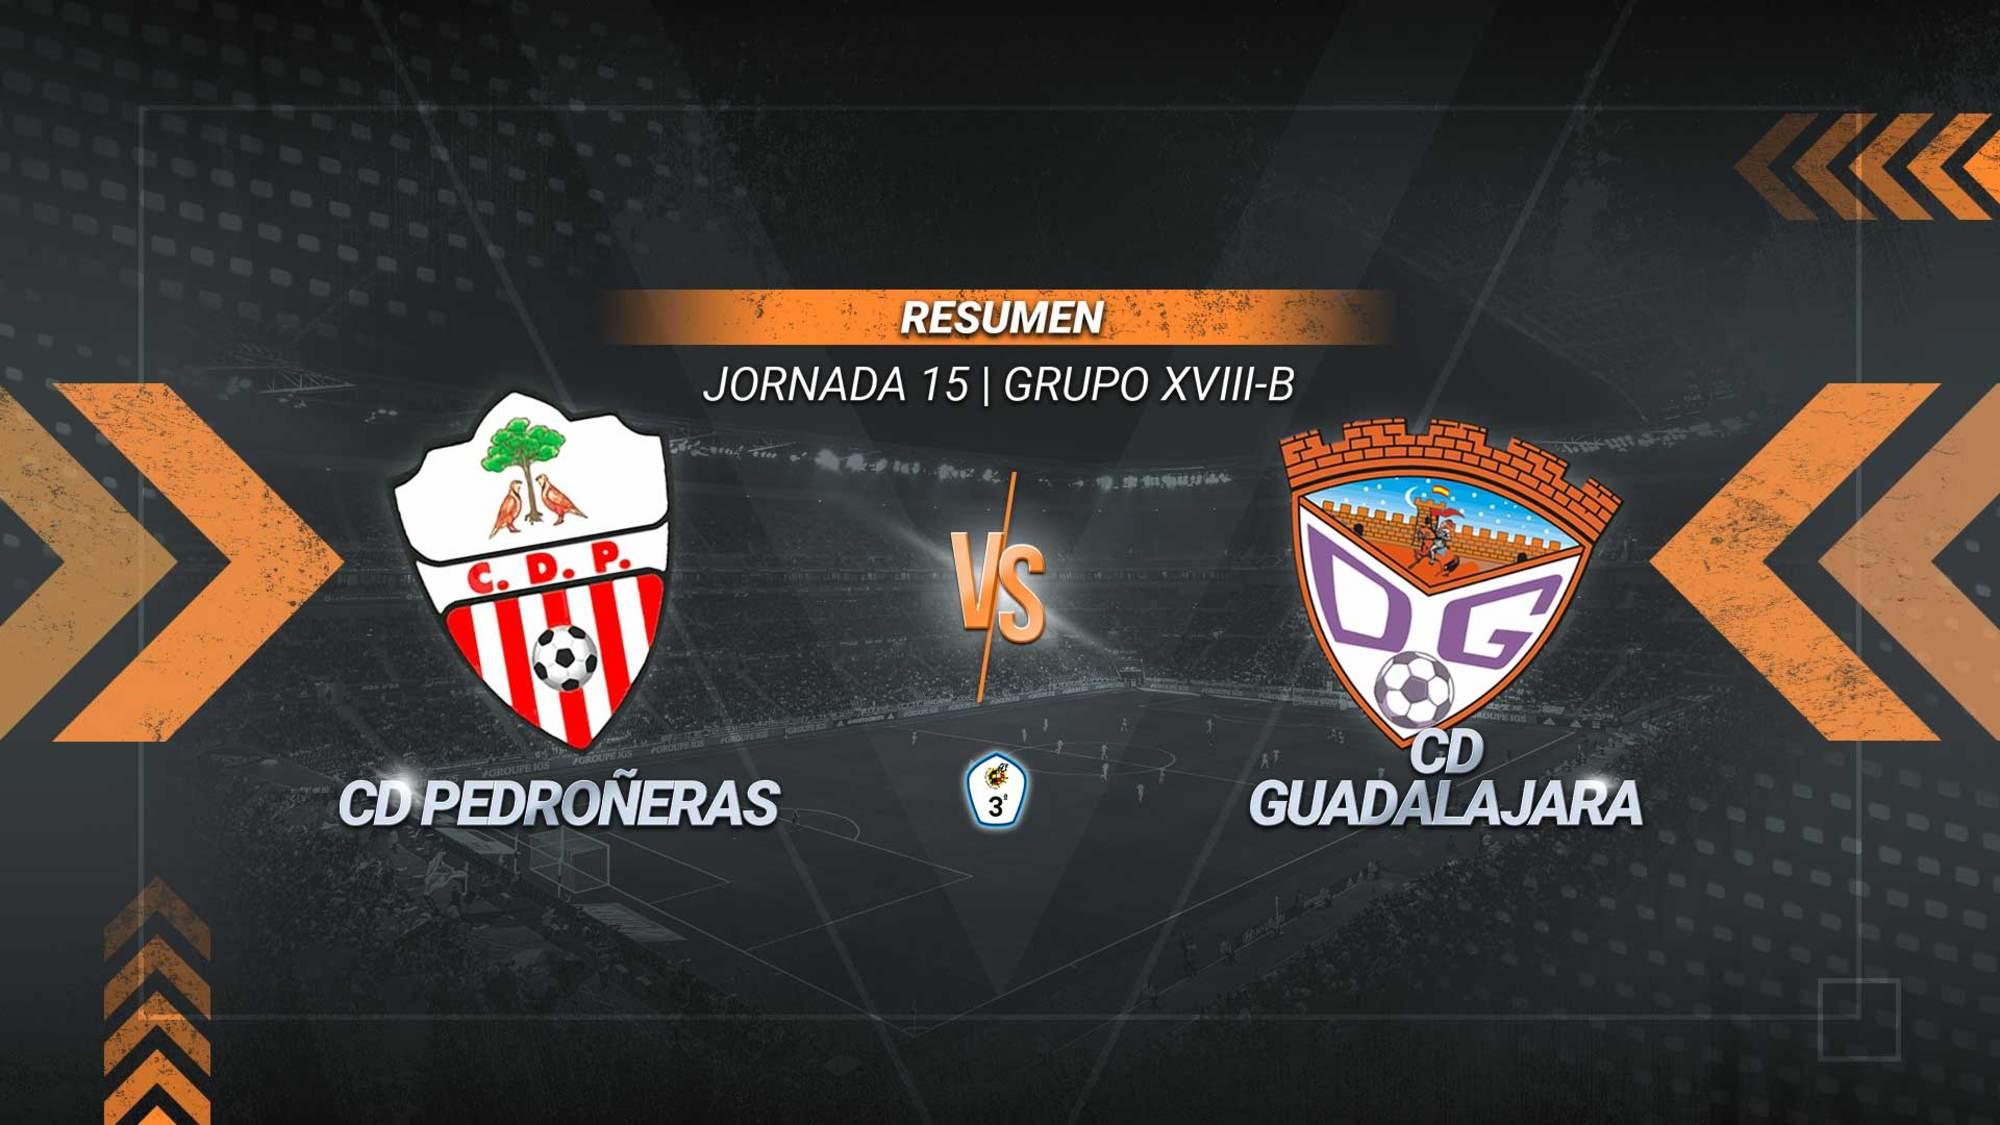 El Pedroñeras remonta ante el Guadalajara y suma el primer triunfo del año 2021. Los goles de Mamadou y Santi Cabeza en el tramo final permiten a los ajeros abandonar el puesto de colista y alcanzar los 7 puntos. Los alcarreños, a pesar de la derrota, se mantienen segundos con 24.